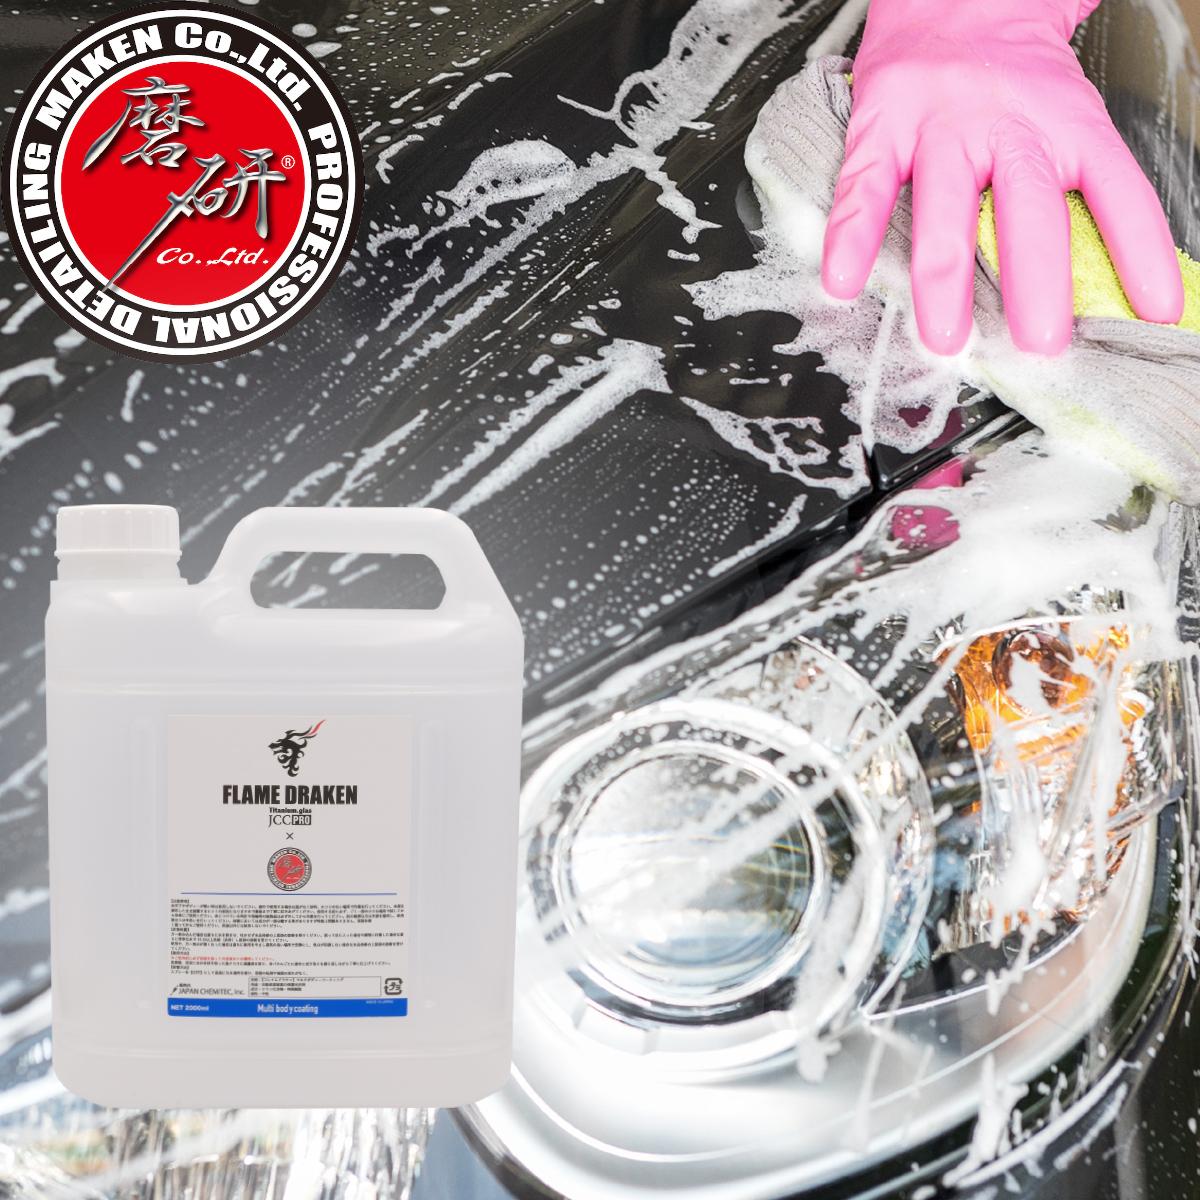 磨研 maken フレイムドラケン 洗車 簡単プロ仕様 ガラスコーティング セラミック シミ 水じみ ウォータースポット おーたースポット売れてる おすすめ オススメ まけん 磨き